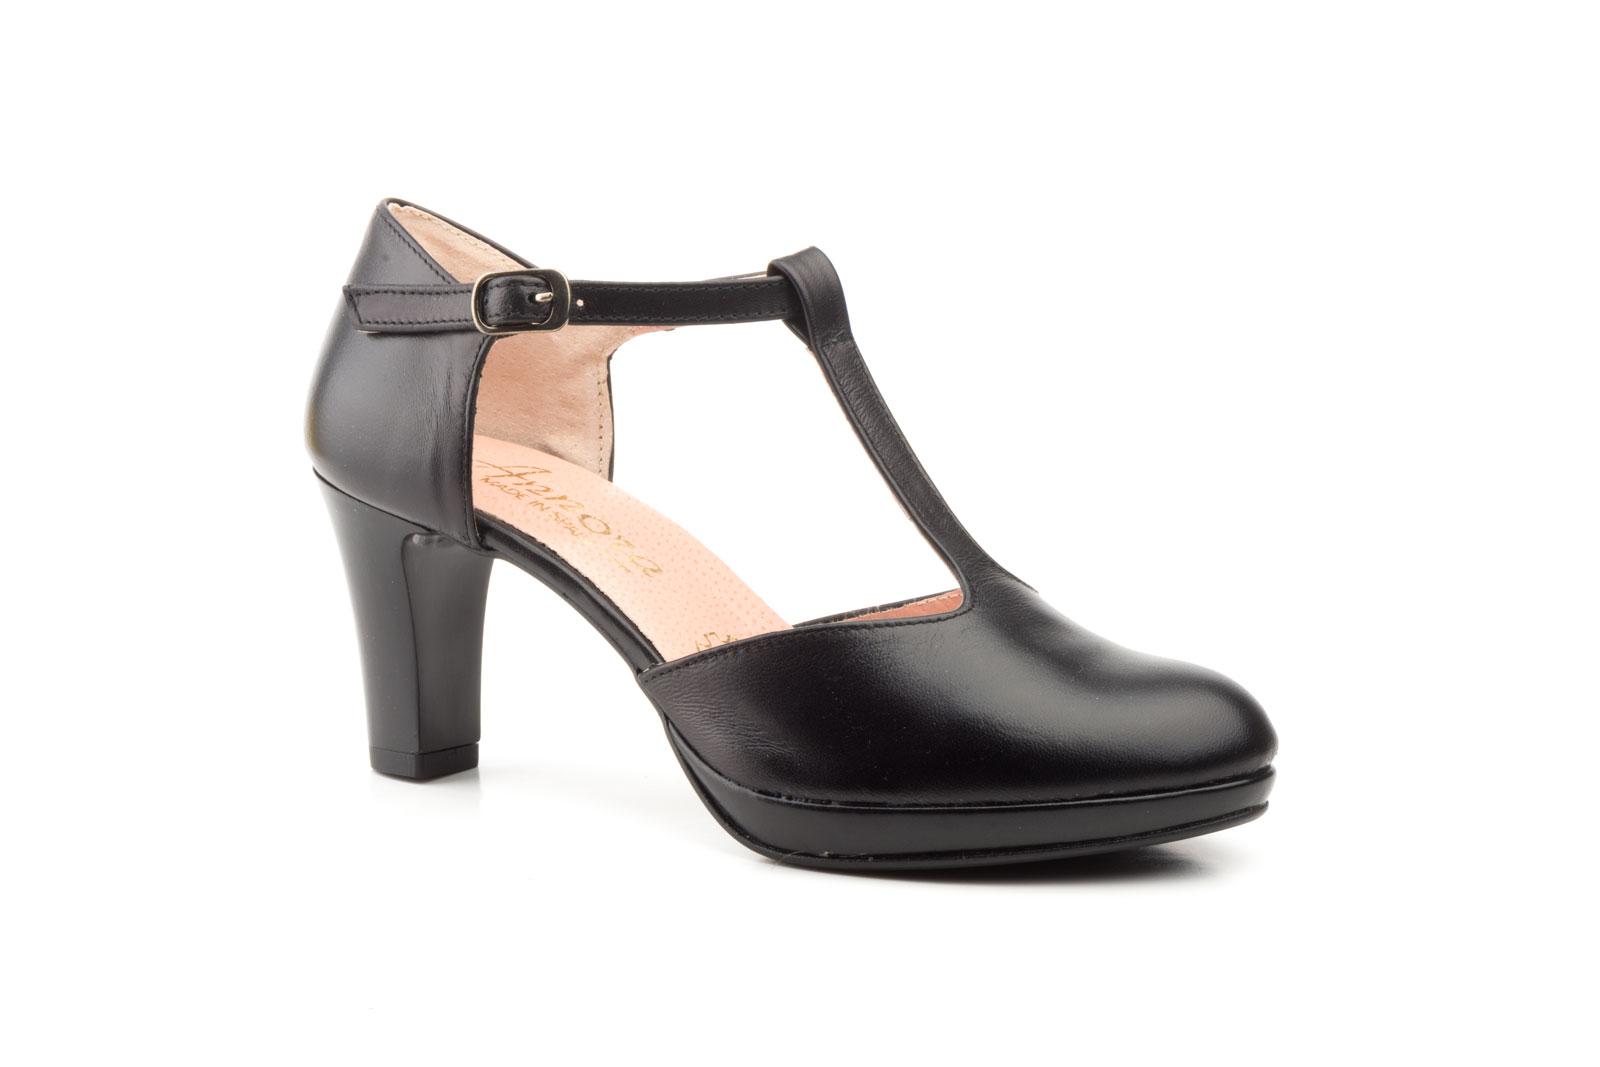 Zapatos Vestir De Mujer Piel Negro Con Correa Y Hebilla Plataforma